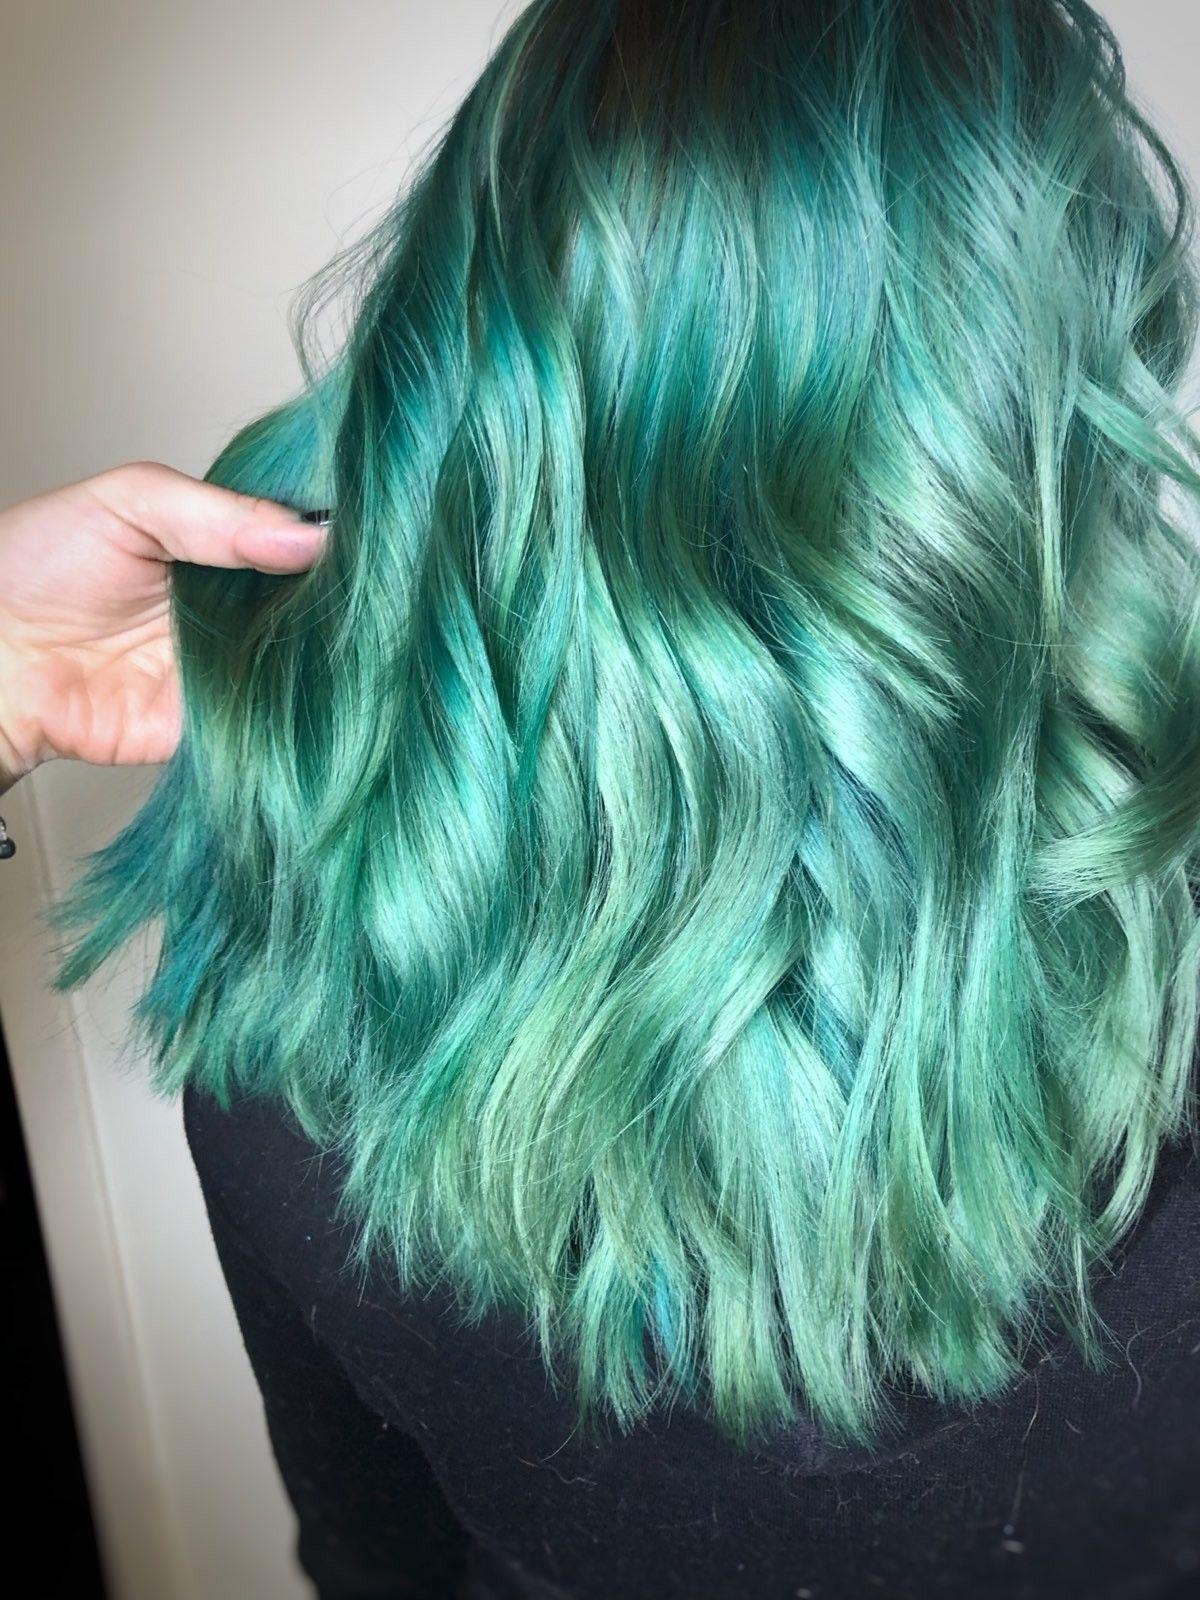 39+ Seafoam hair dye trends